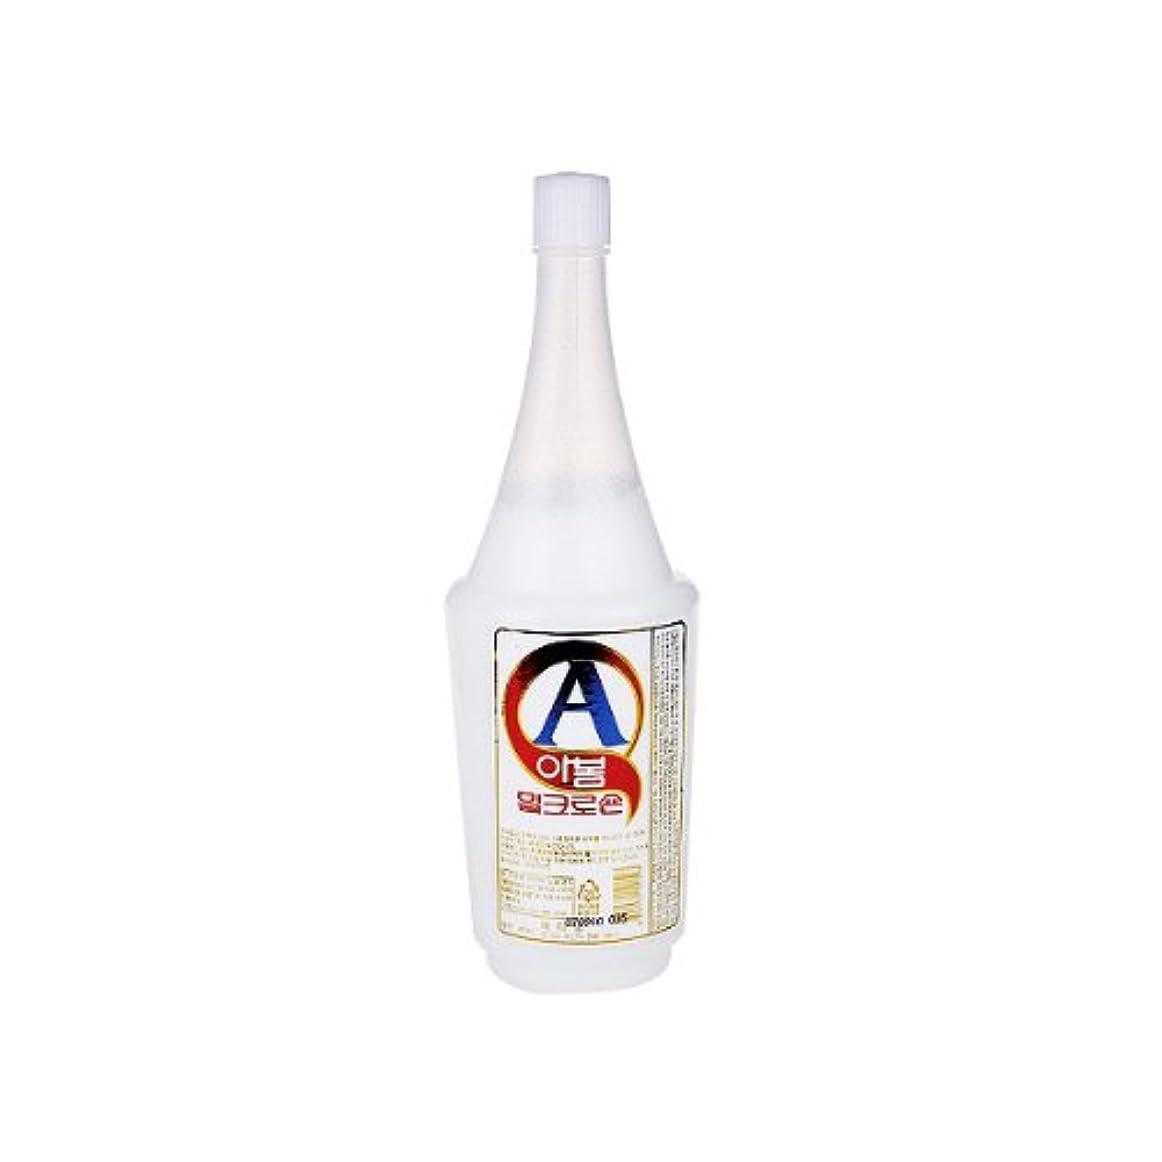 発明見つけるバブルアボム ミルクローション 450ml マッサージ用 乳液 業務用